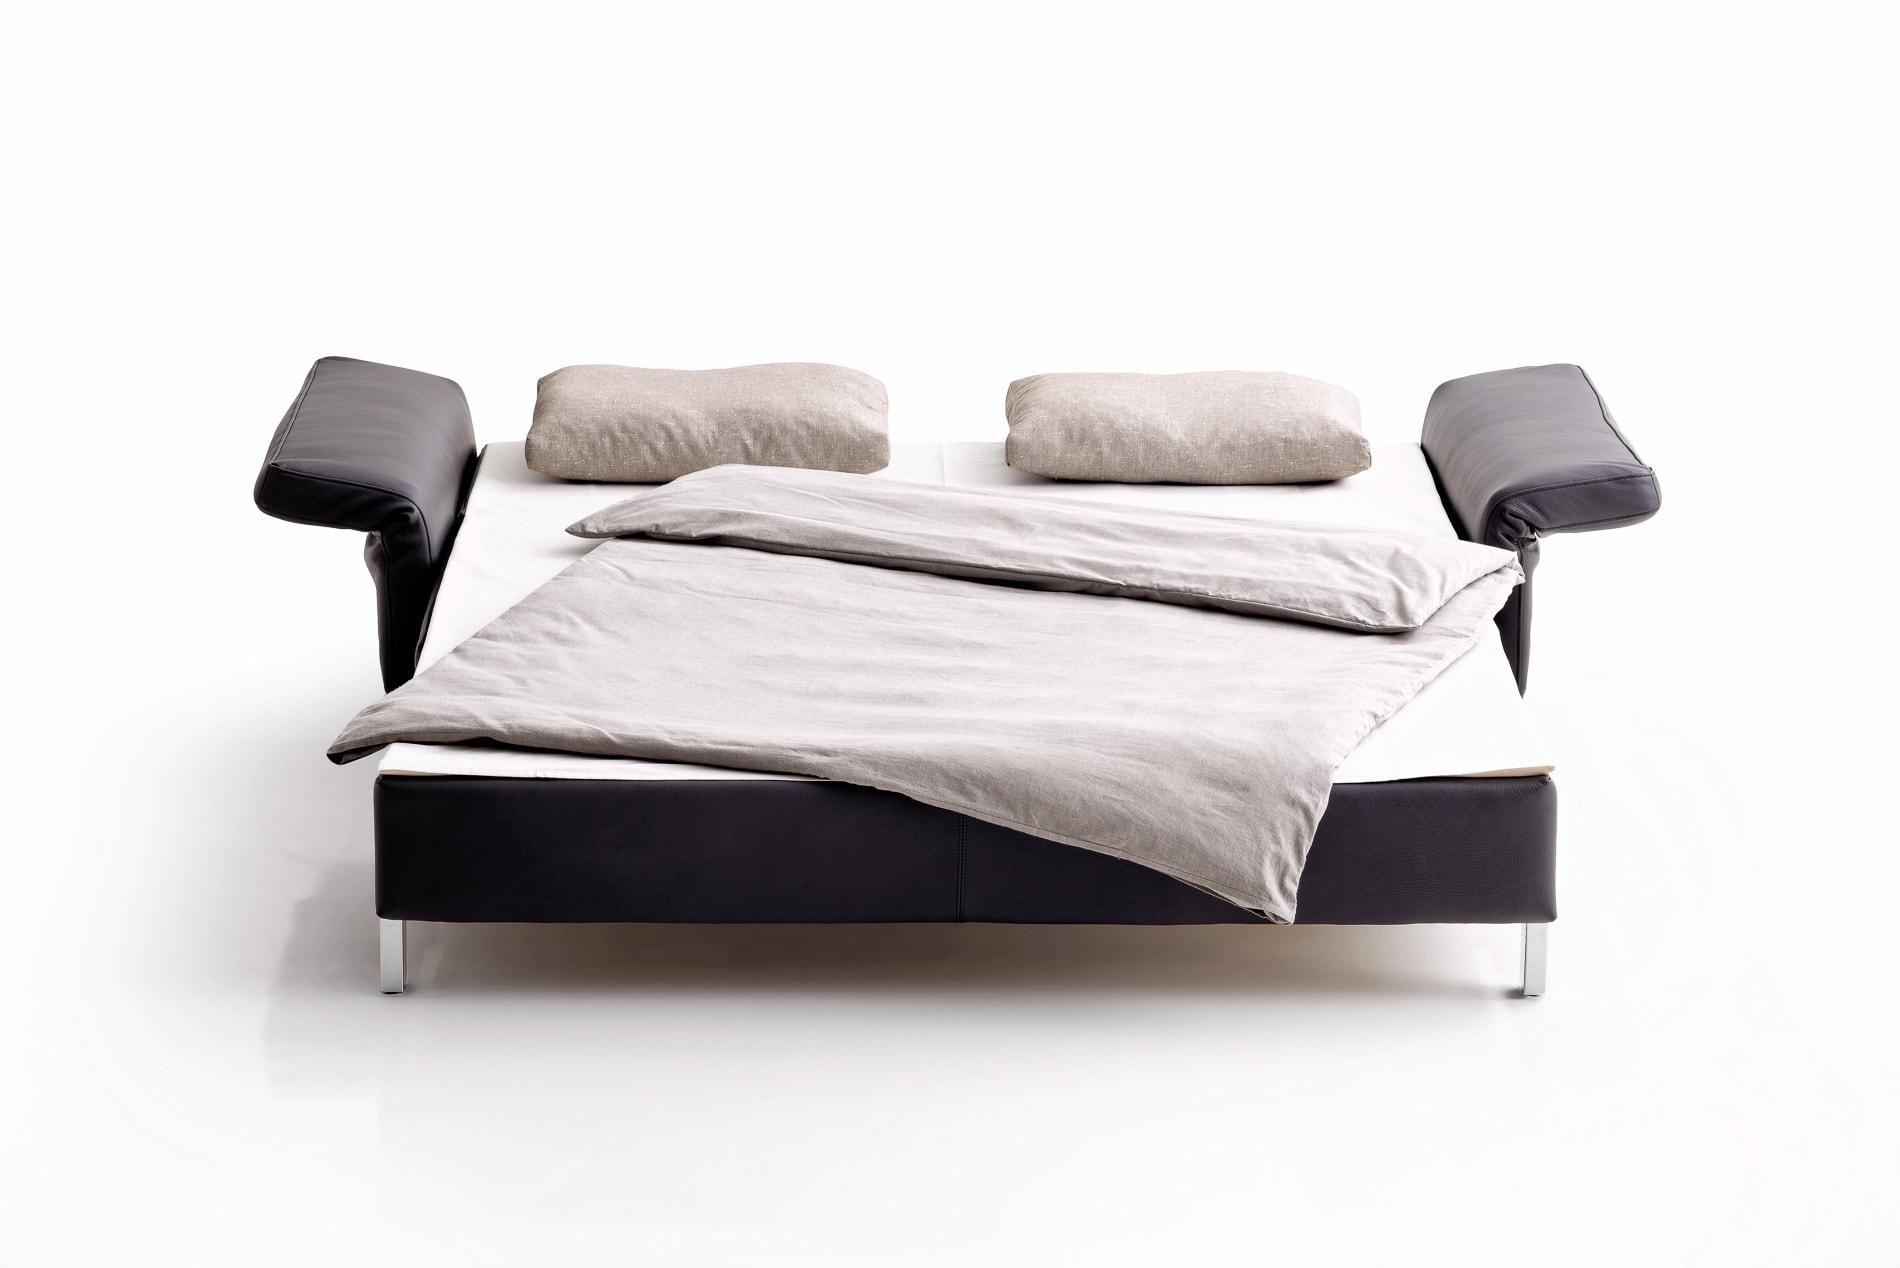 zierliche schlafsofas idee schlafzimmer ikea bettw sche liebespaar planer 3d funktioniert nicht. Black Bedroom Furniture Sets. Home Design Ideas